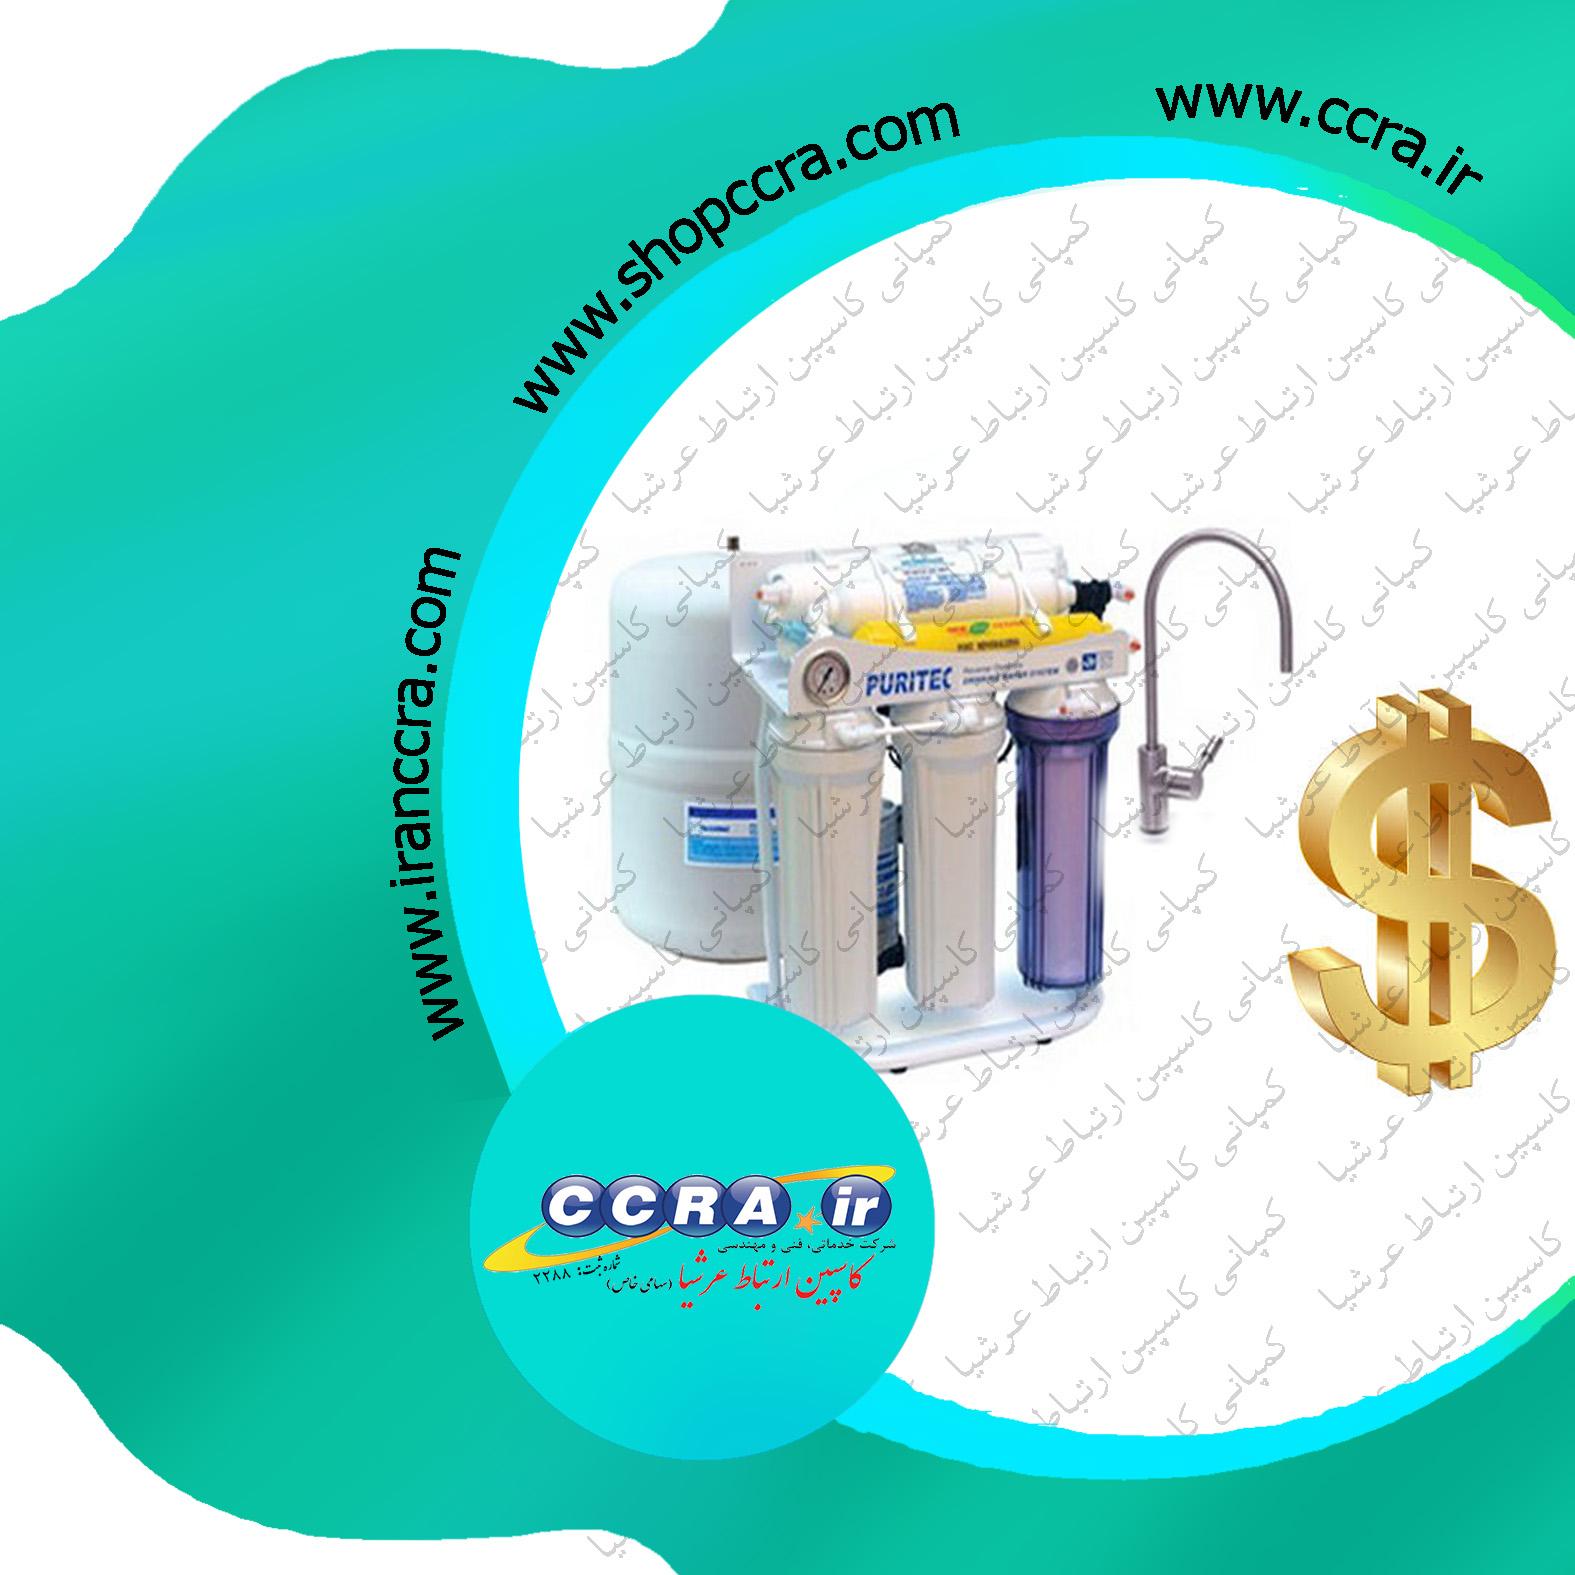 قیمت دستگاه های تصفیه آب خانگی پیوریتک